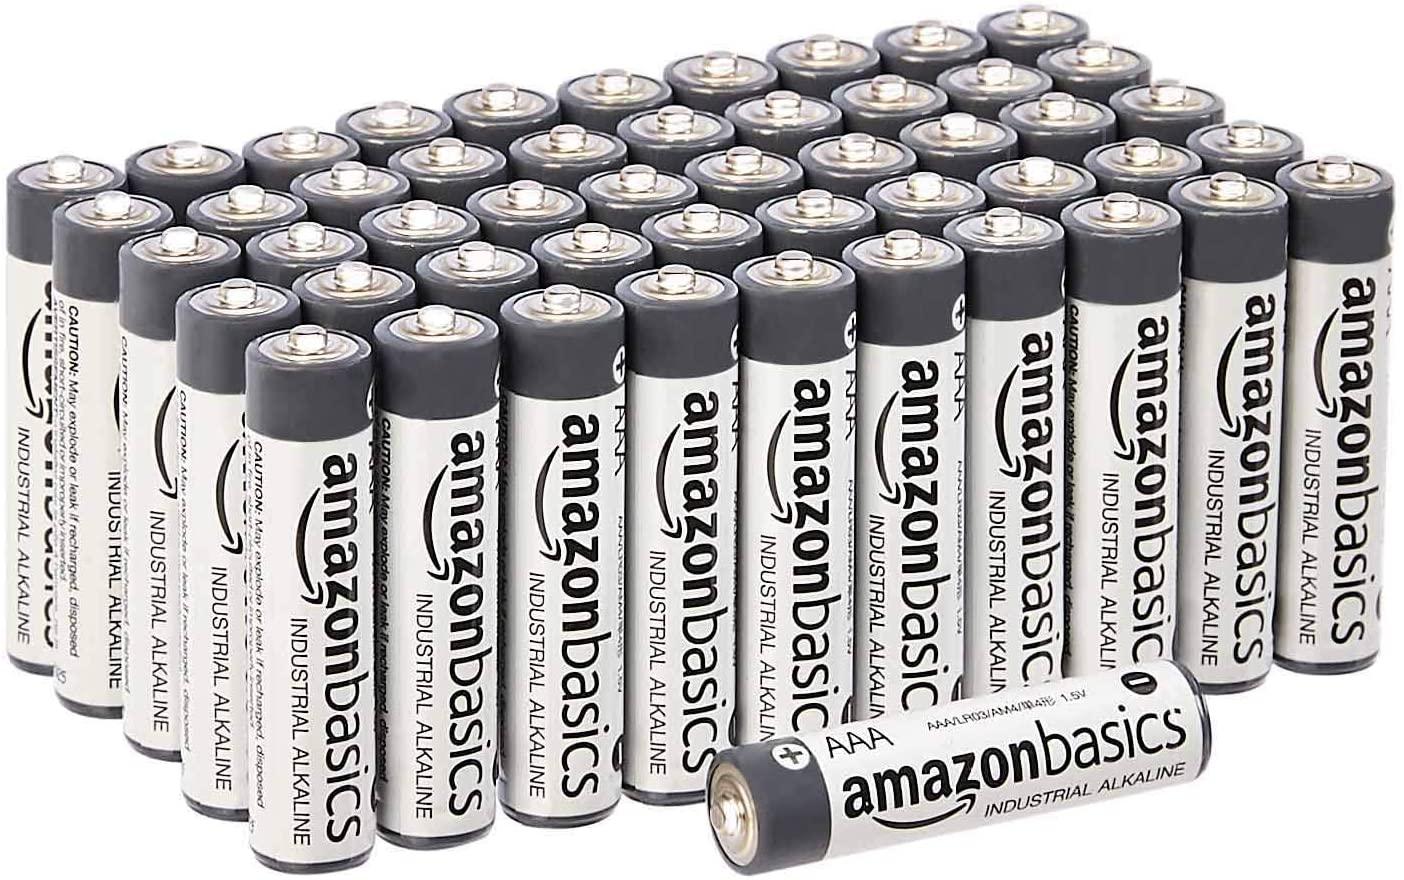 Amazon alkaline AAA batteries